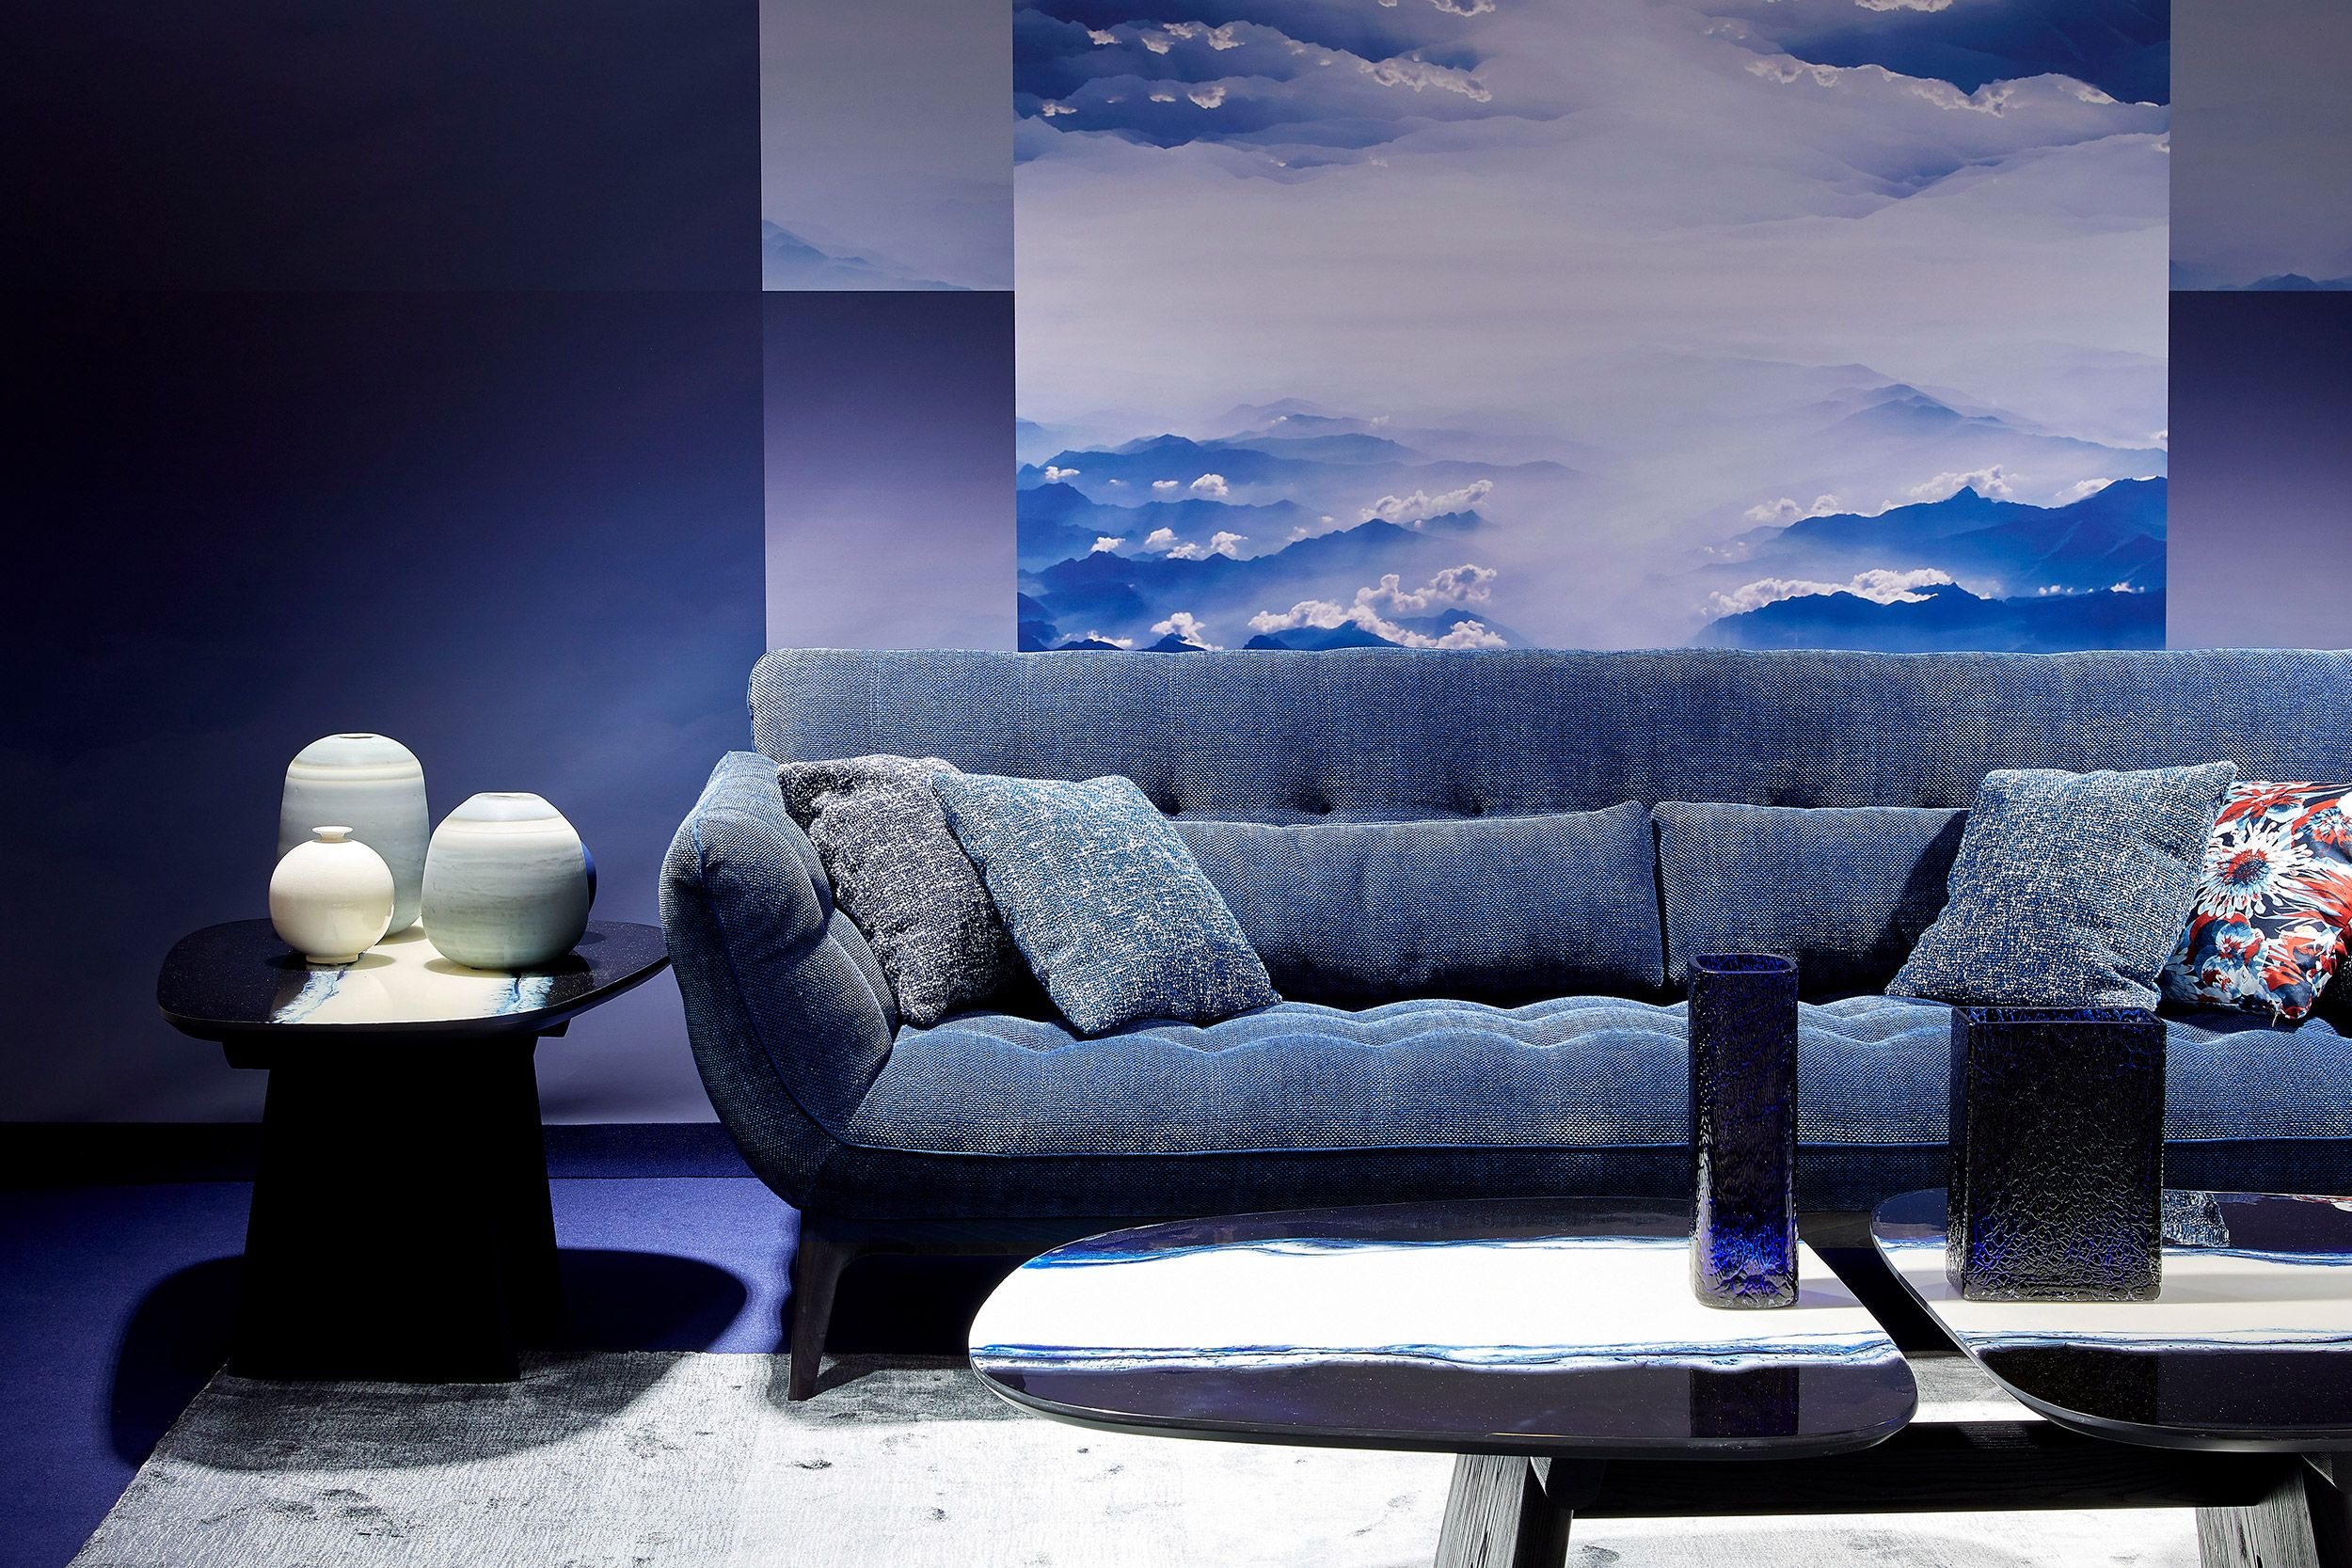 Roche Bobois L Parcours Sofa Designed By Sacha Lakic L Paris Press Day L Spring Summer 2020 En 2020 Rochebobois Canape Salon